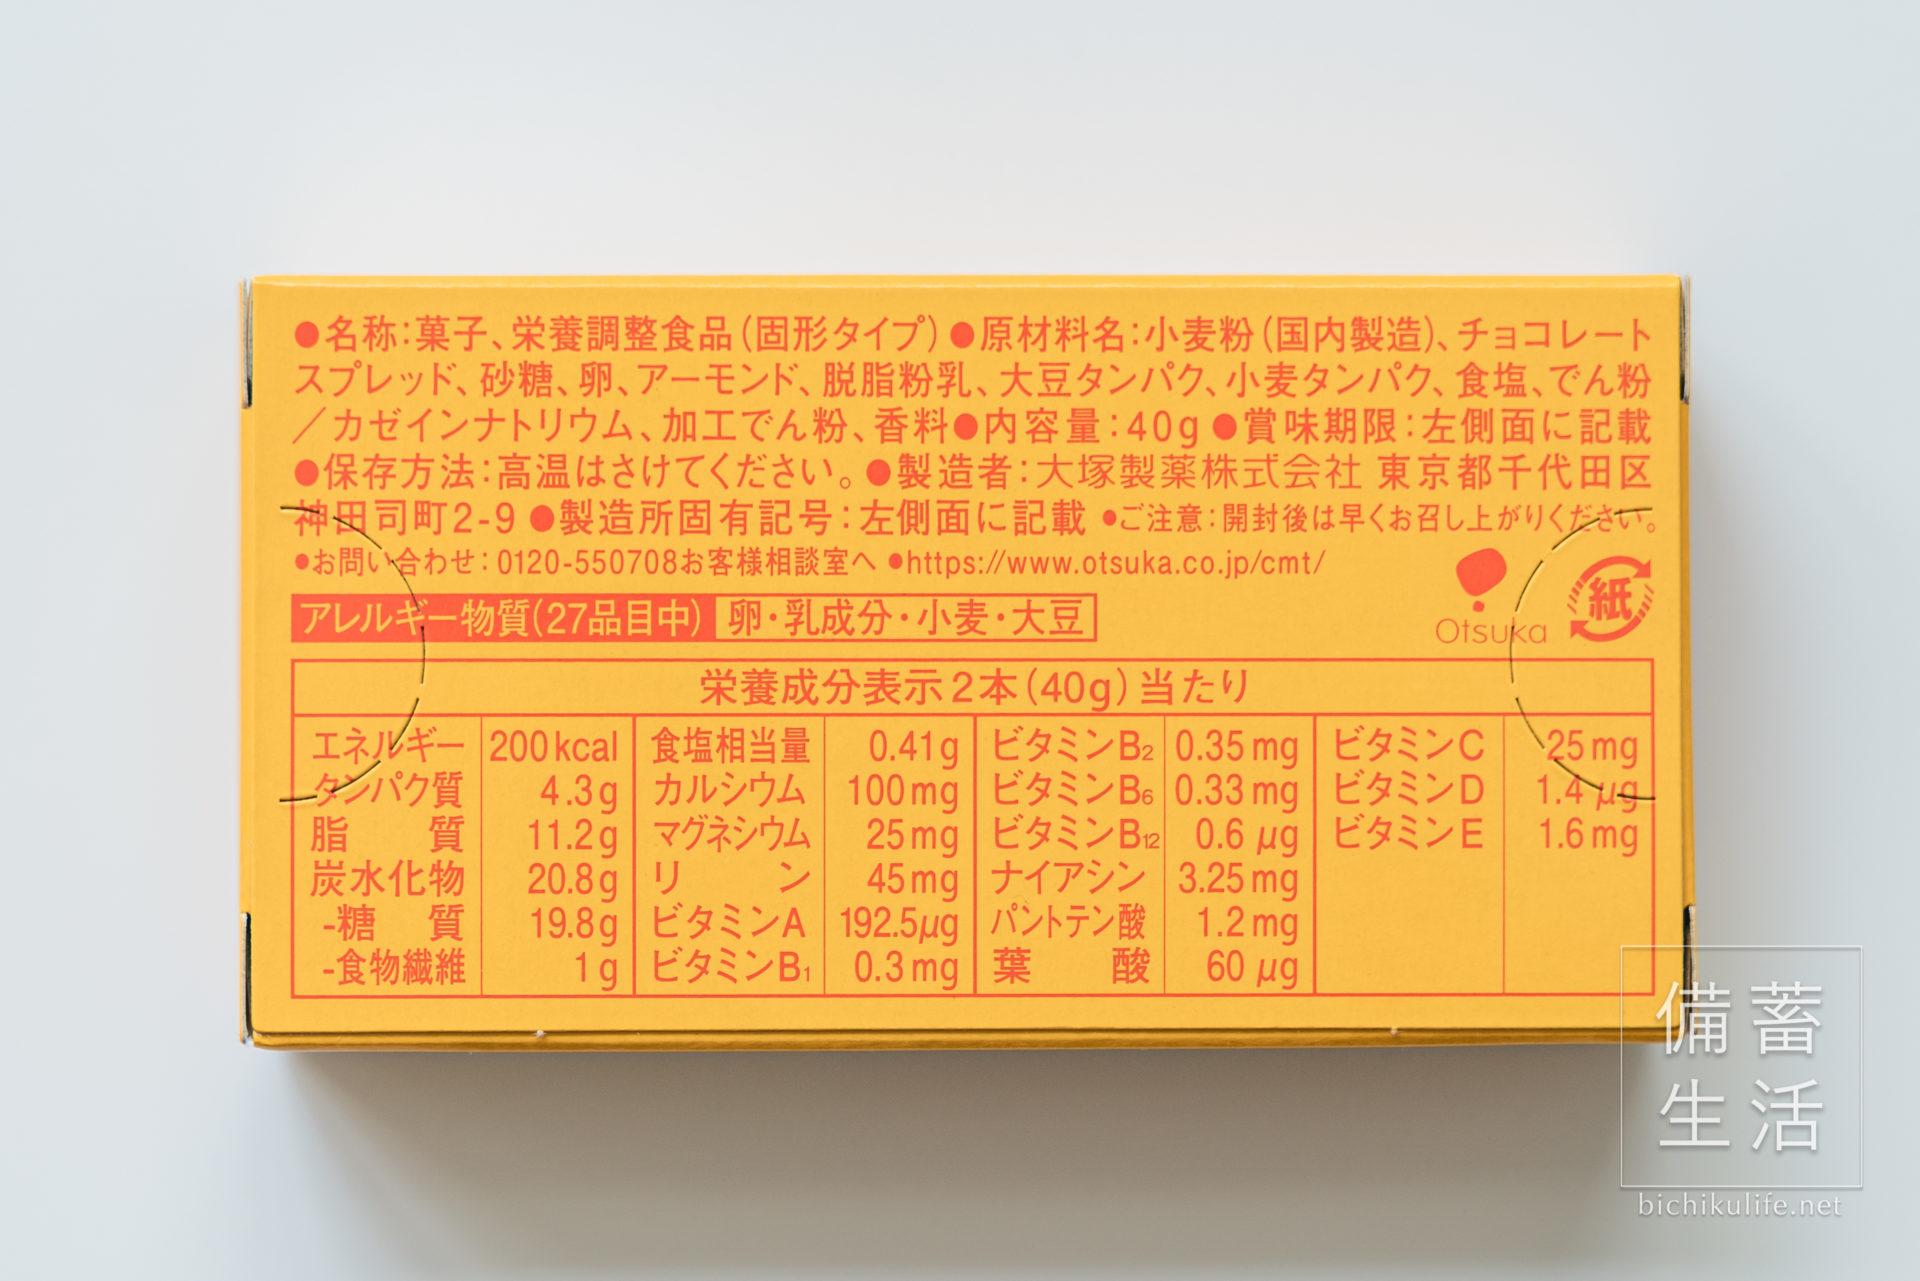 カロリーメイト ロングライフ(備蓄専用製品)の原材料・栄養成分表示